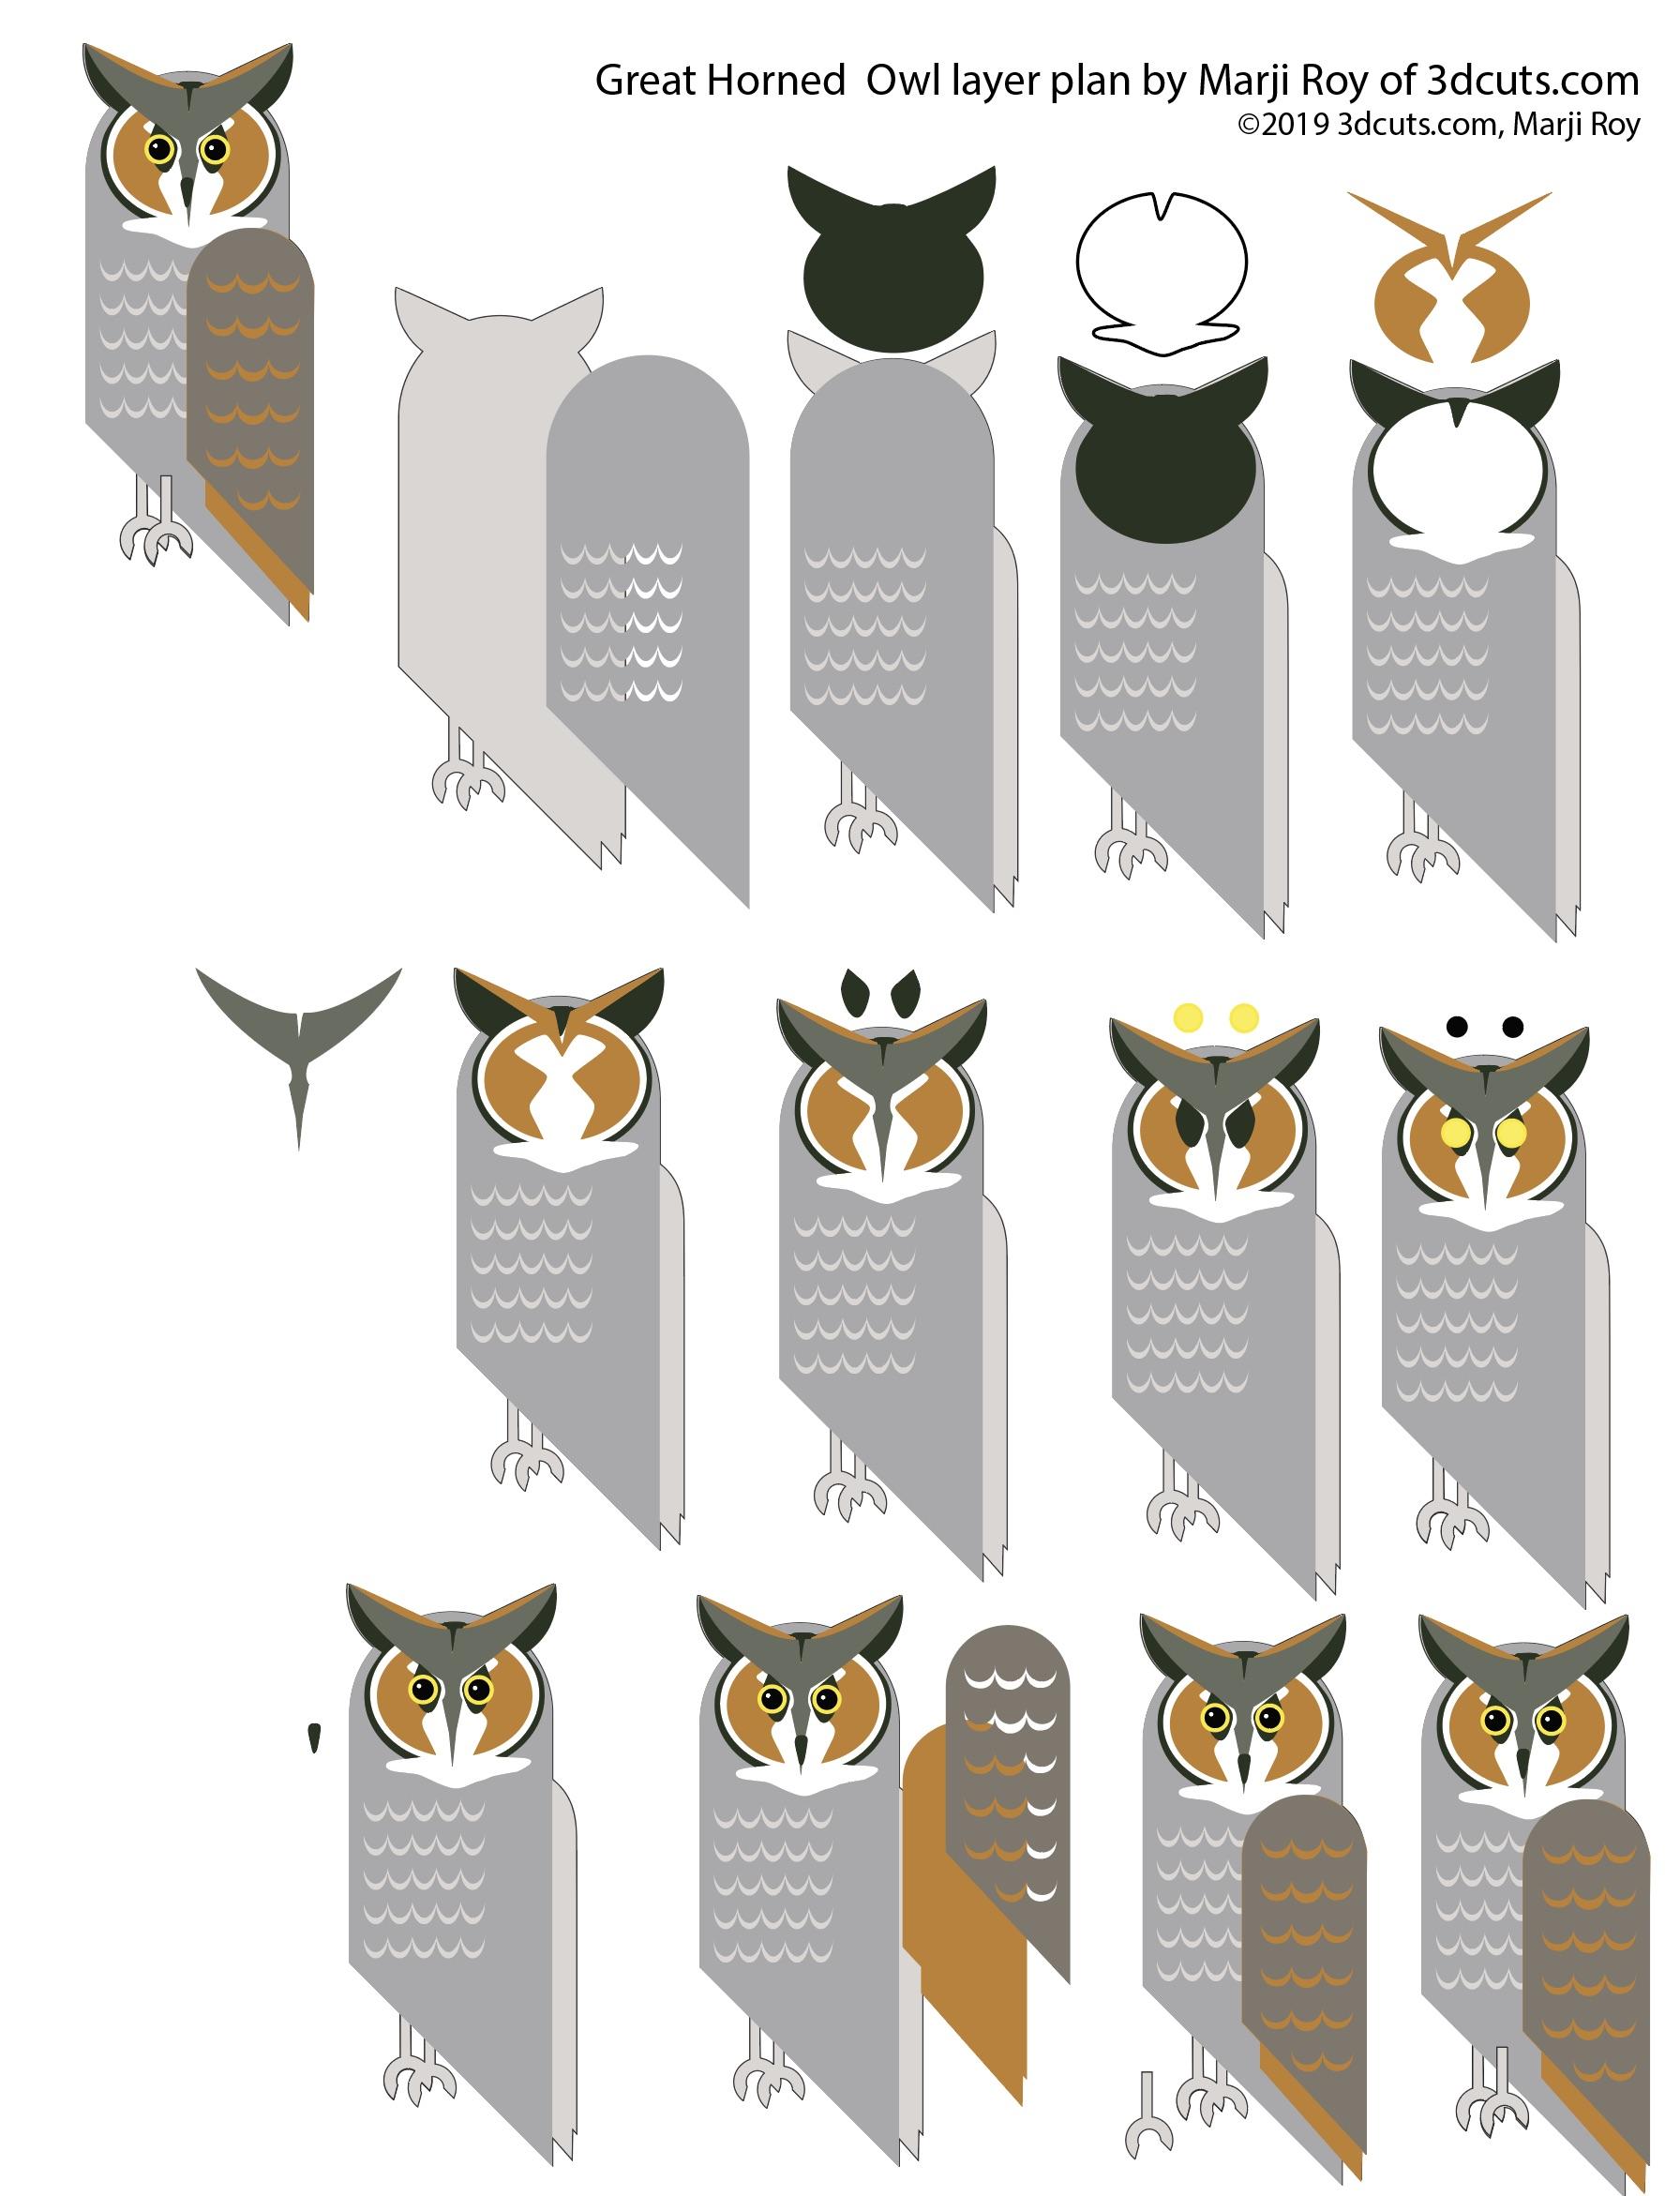 Great HOrned Owl Construction2.jpg